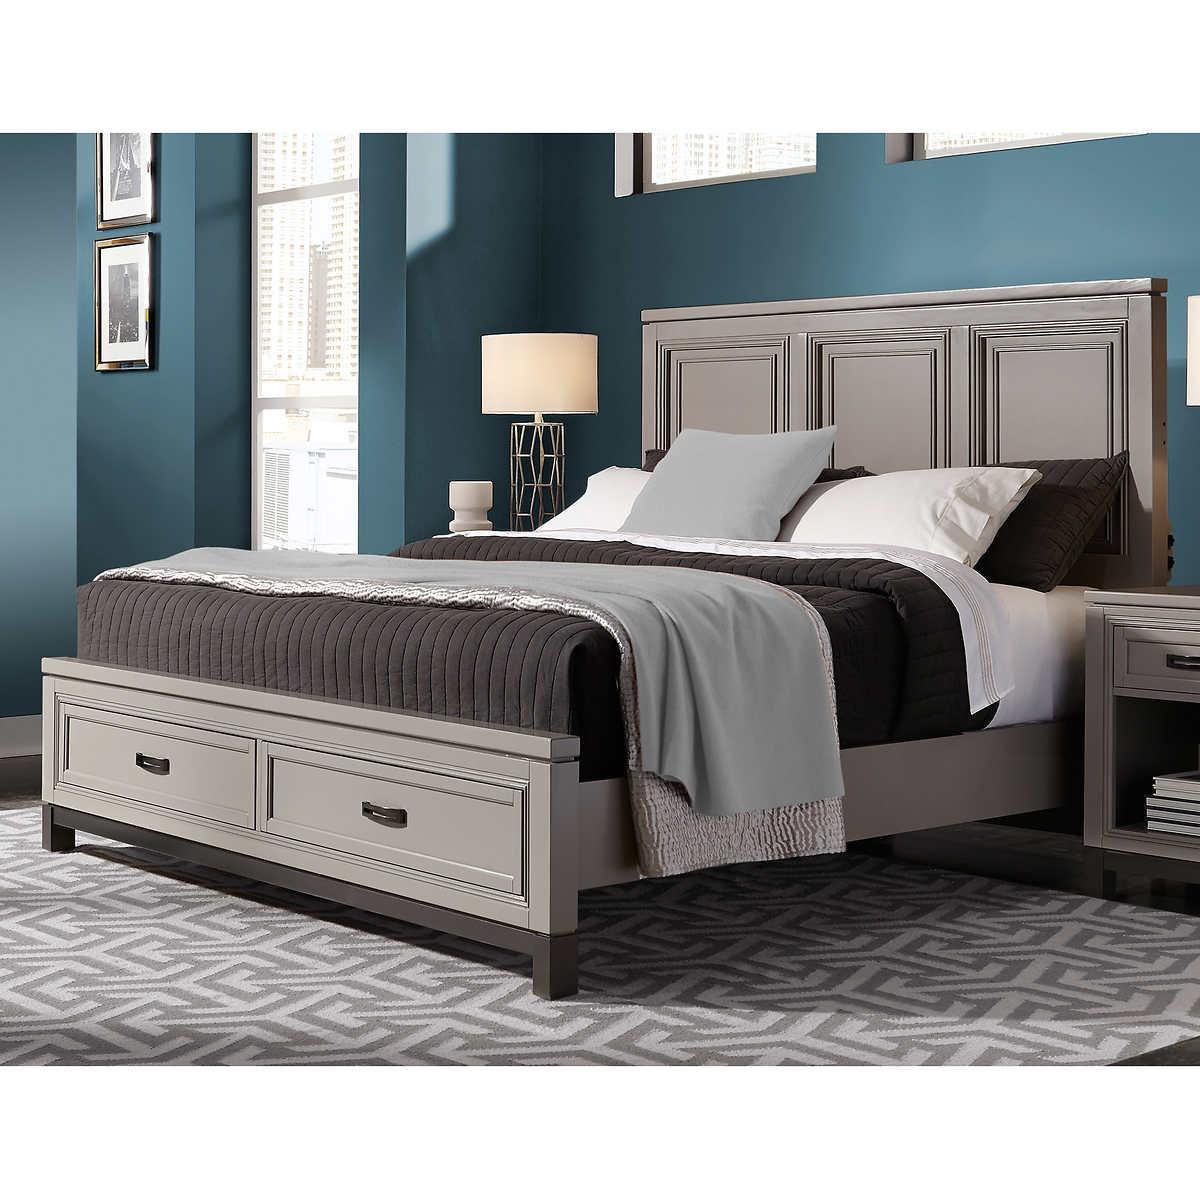 Bedroom Furniture Queen Storage Bed queen beds | costco